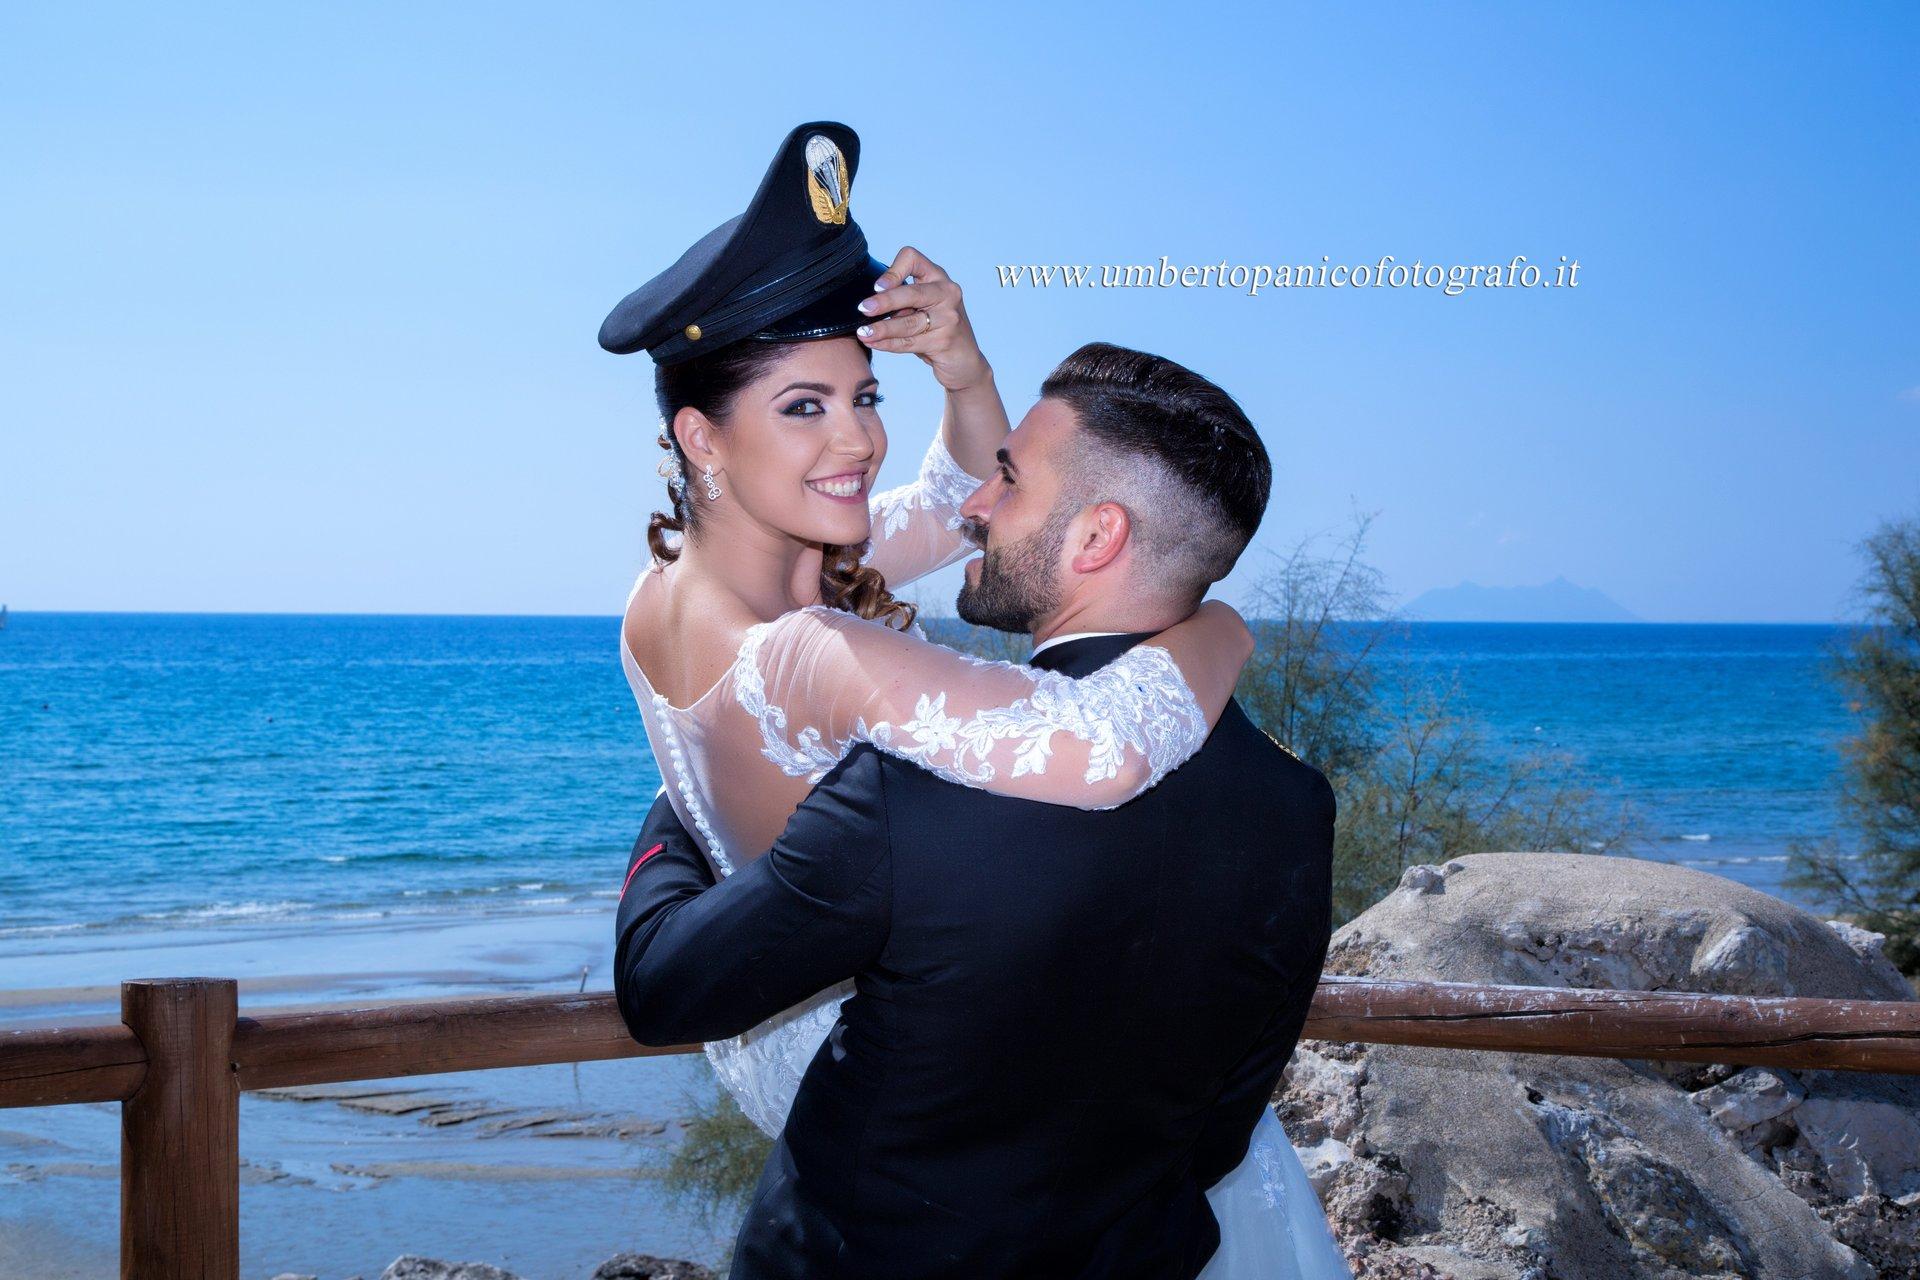 sposa in braccio allo sposo, sfondo del mare